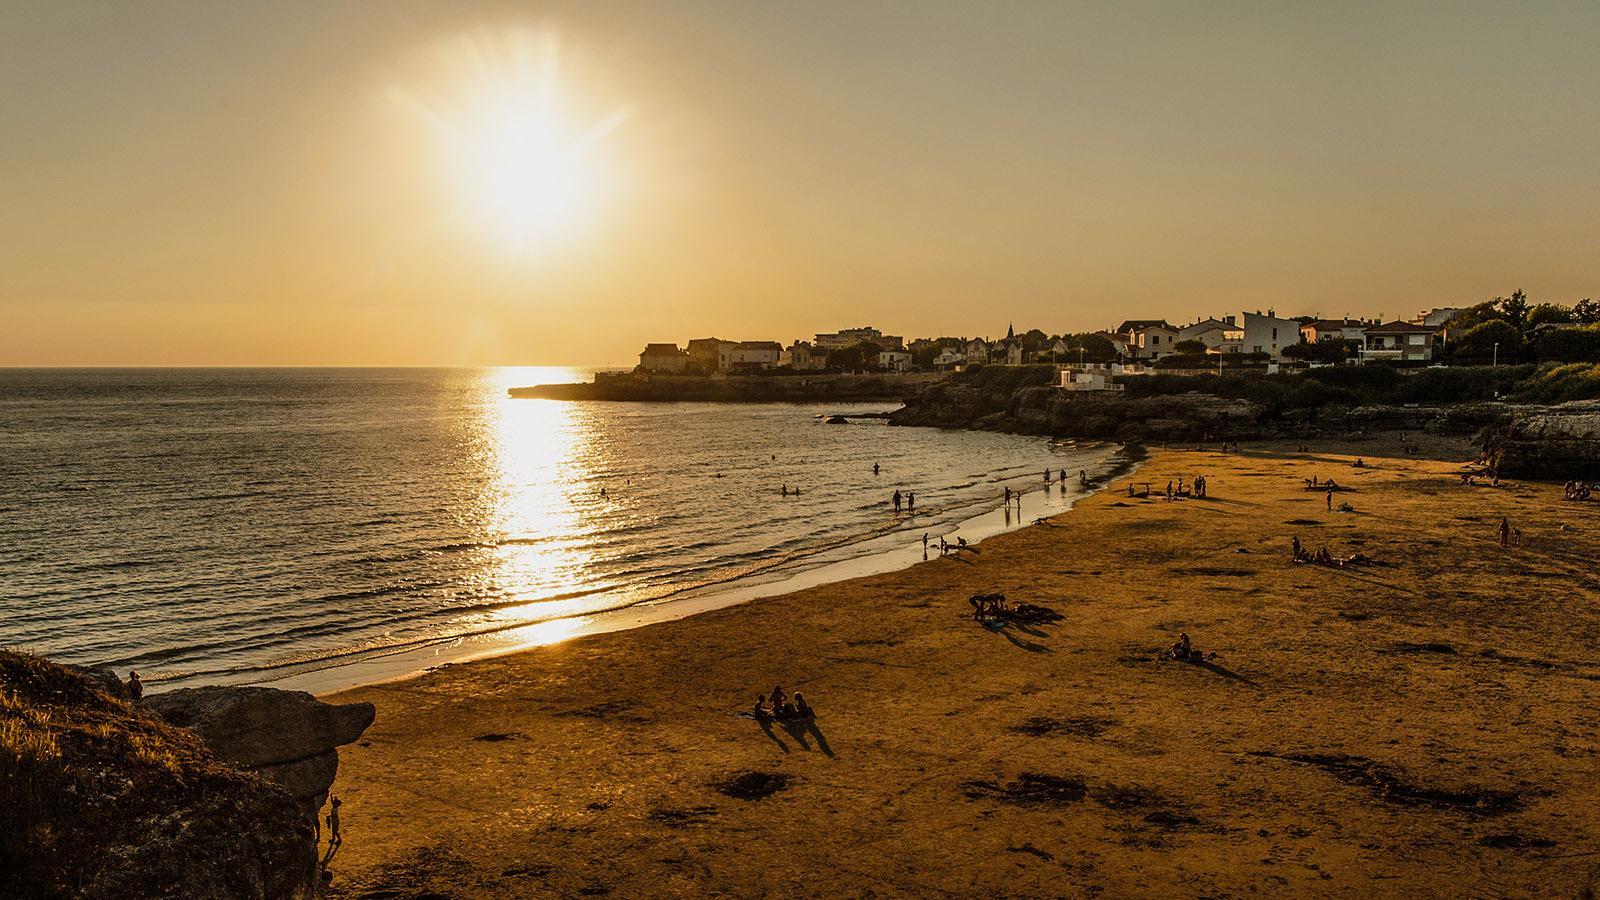 In Royan ergießt sich die Gironde in den Atlantik. Die Strände der Stadt ist zum Sonnenuntergang über dem Neer wunderschöne Bade- und Picknickplätze. Foto: Hilke Maunder